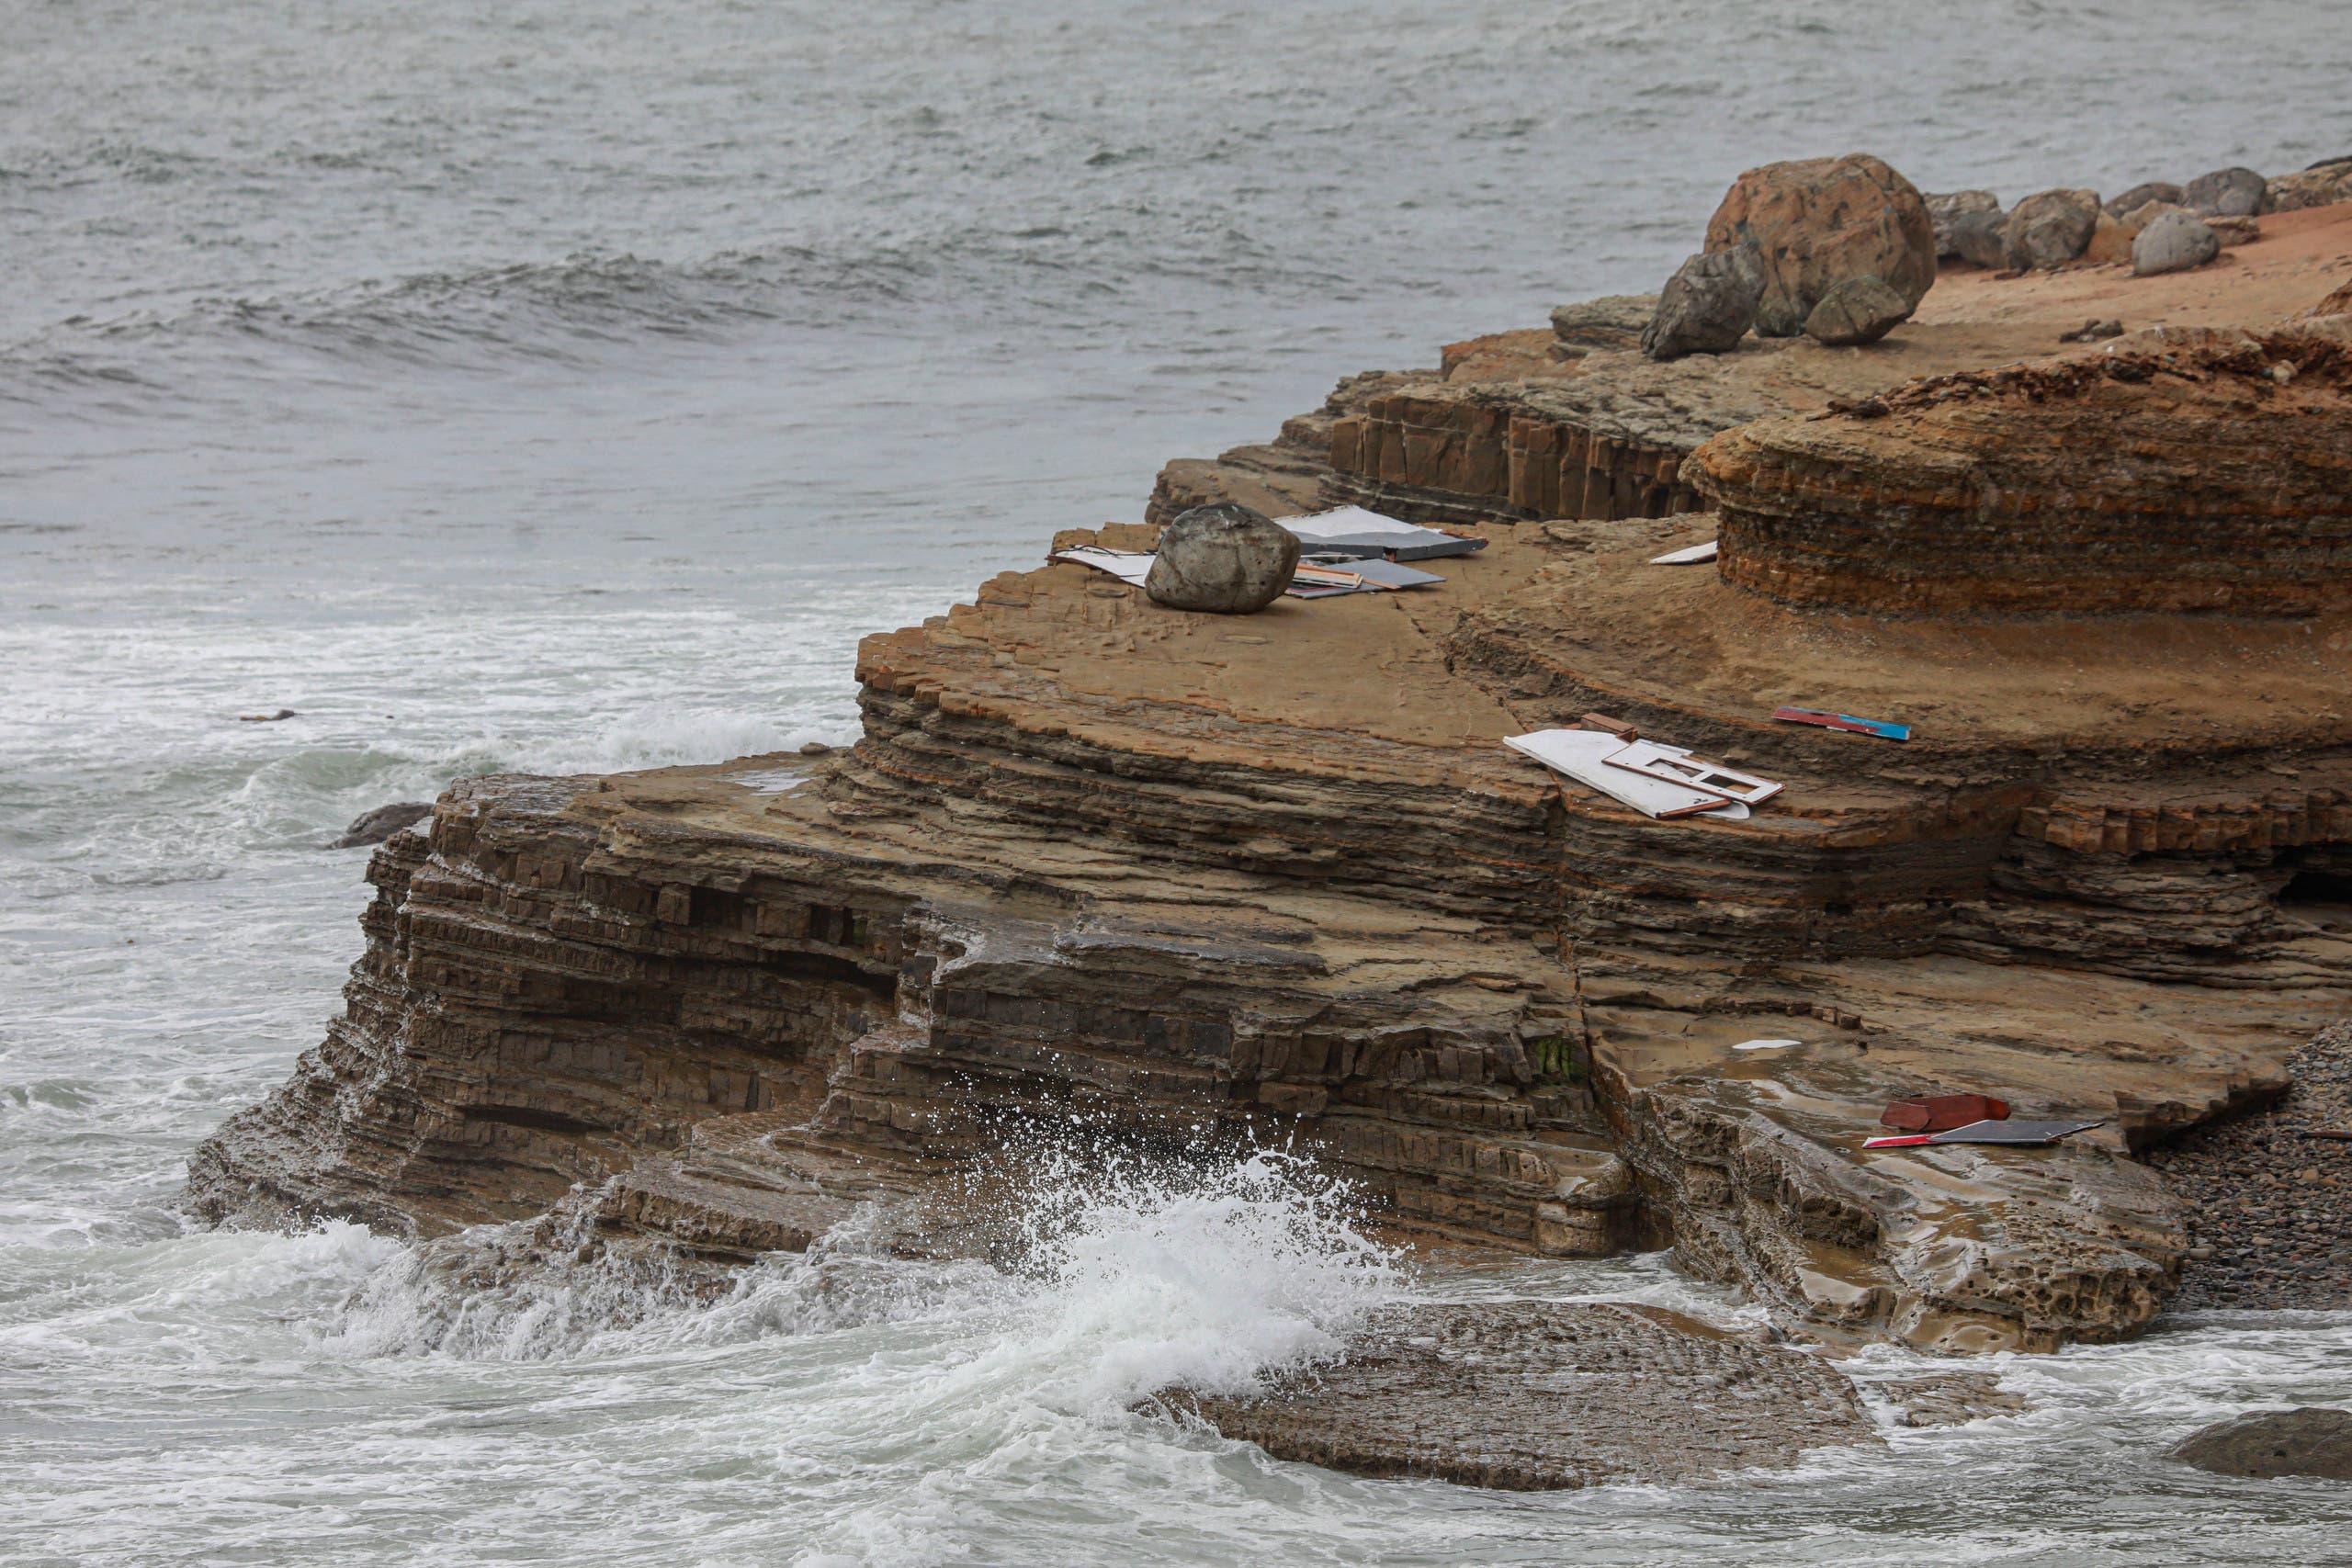 حطام القارب يظهر على الشاطئ الذي تحطم فيه